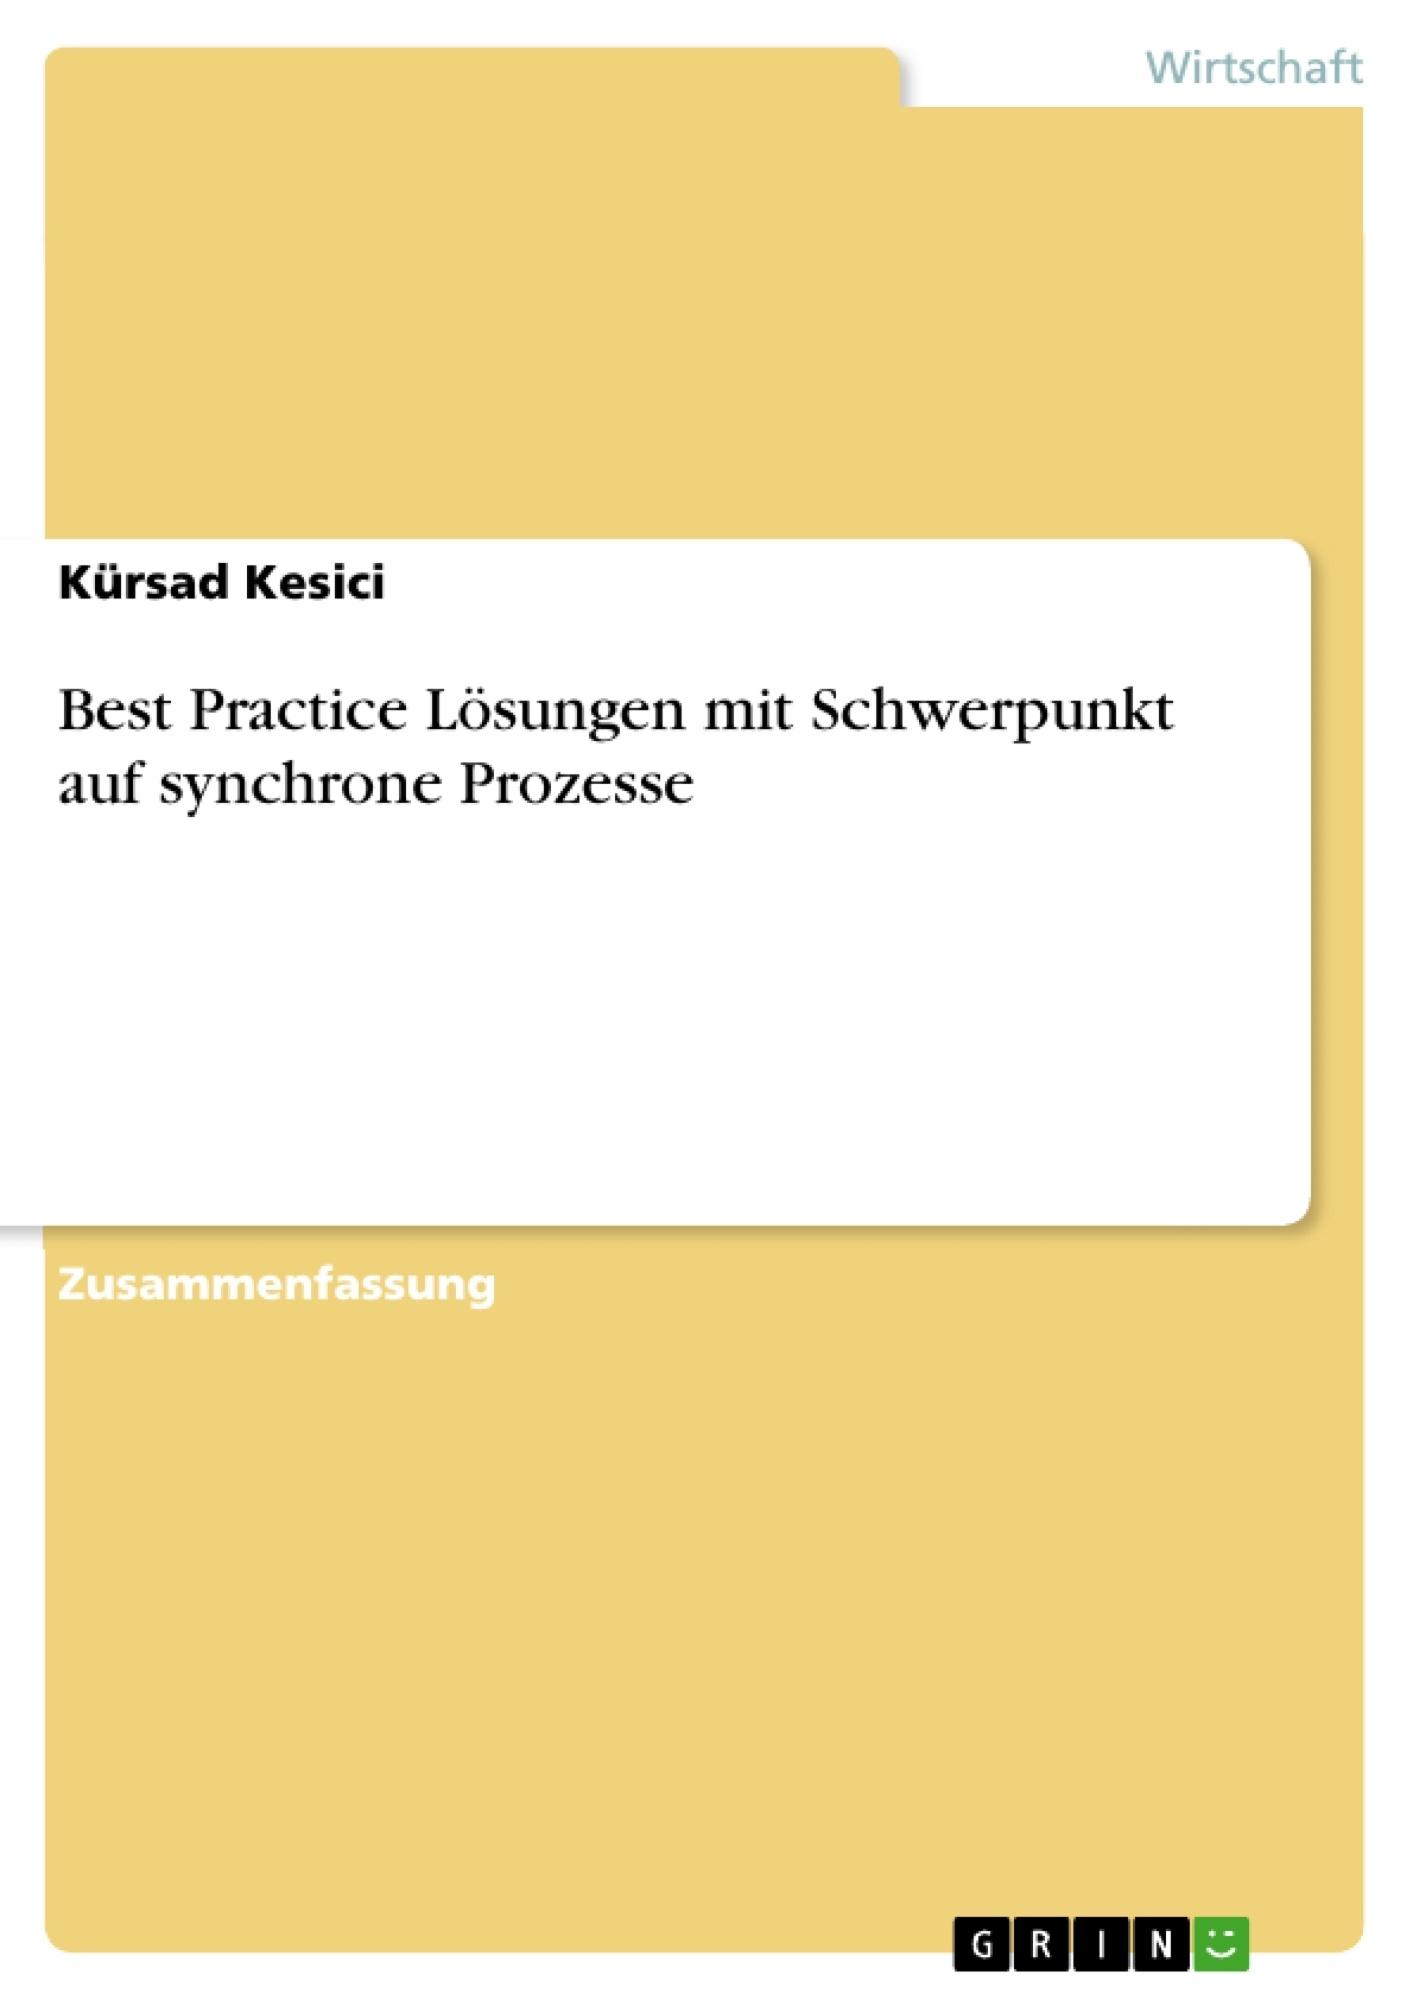 Titel: Best Practice Lösungen mit Schwerpunkt auf synchrone Prozesse